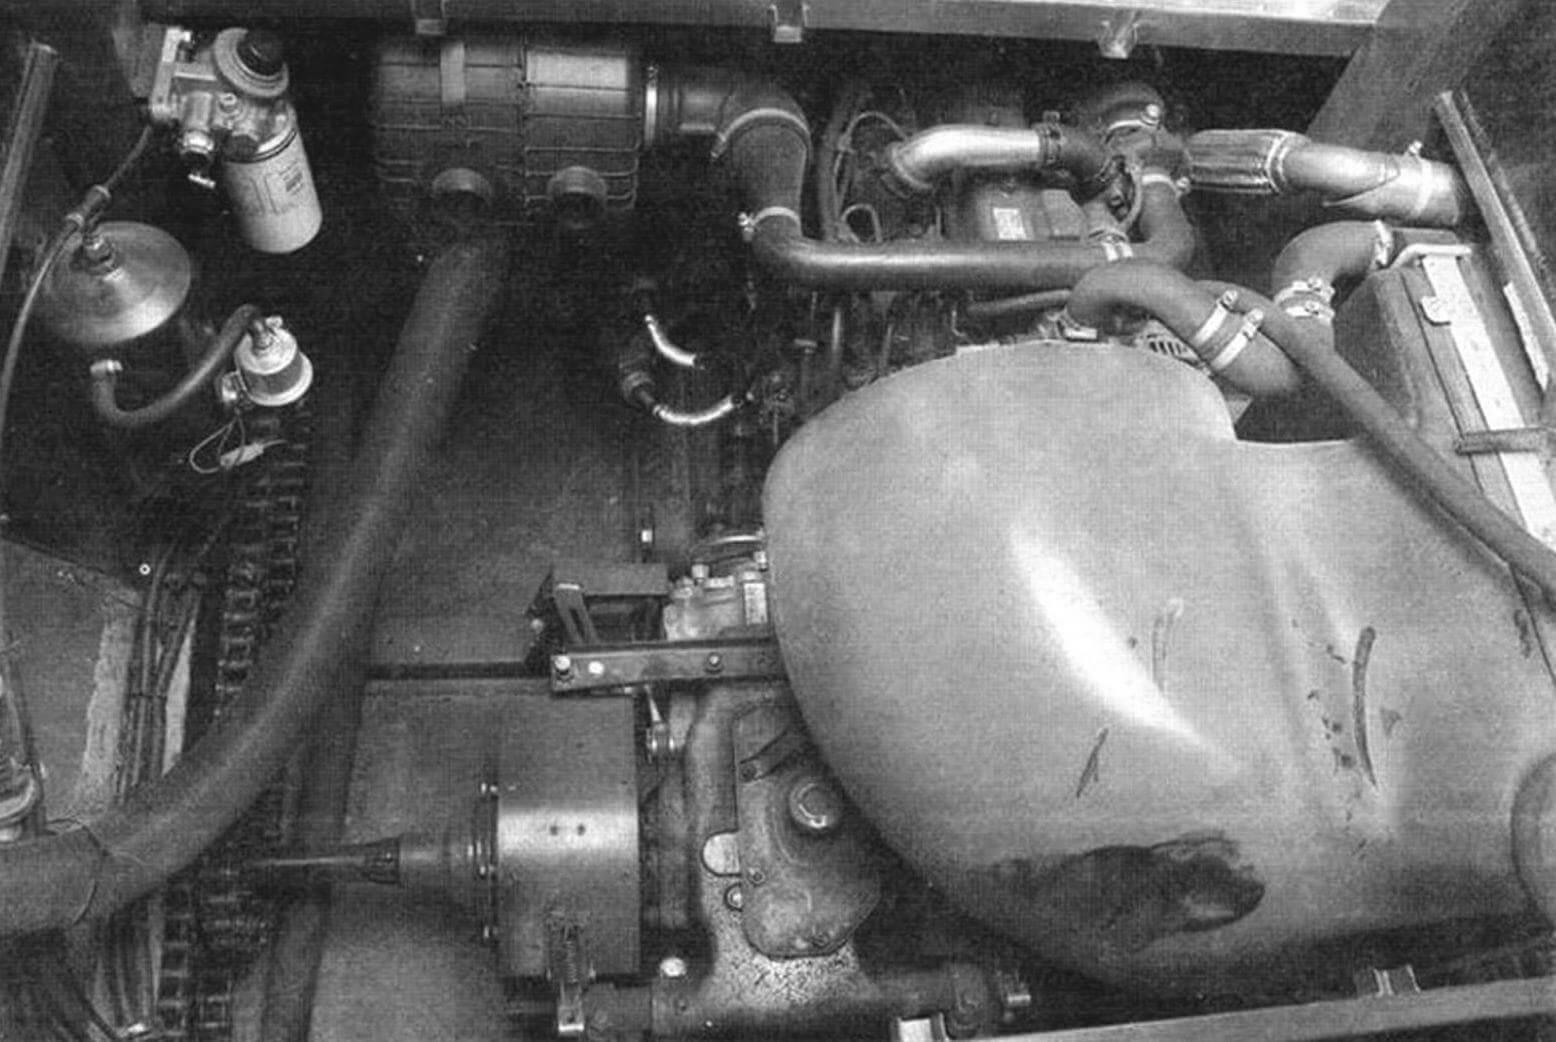 Вверху: в машине только два сиденья, управление происходит при помощи рычагов В центре: силовой агрегат состоит из дизеля Kubota V1505t мощностью 44 л.с. и пятиступенчатой КПП от ВАЗ-2110 Справа: к колесам крутящий момент передается открытыми пенями, имеется простейший механизм автоматической натяжки